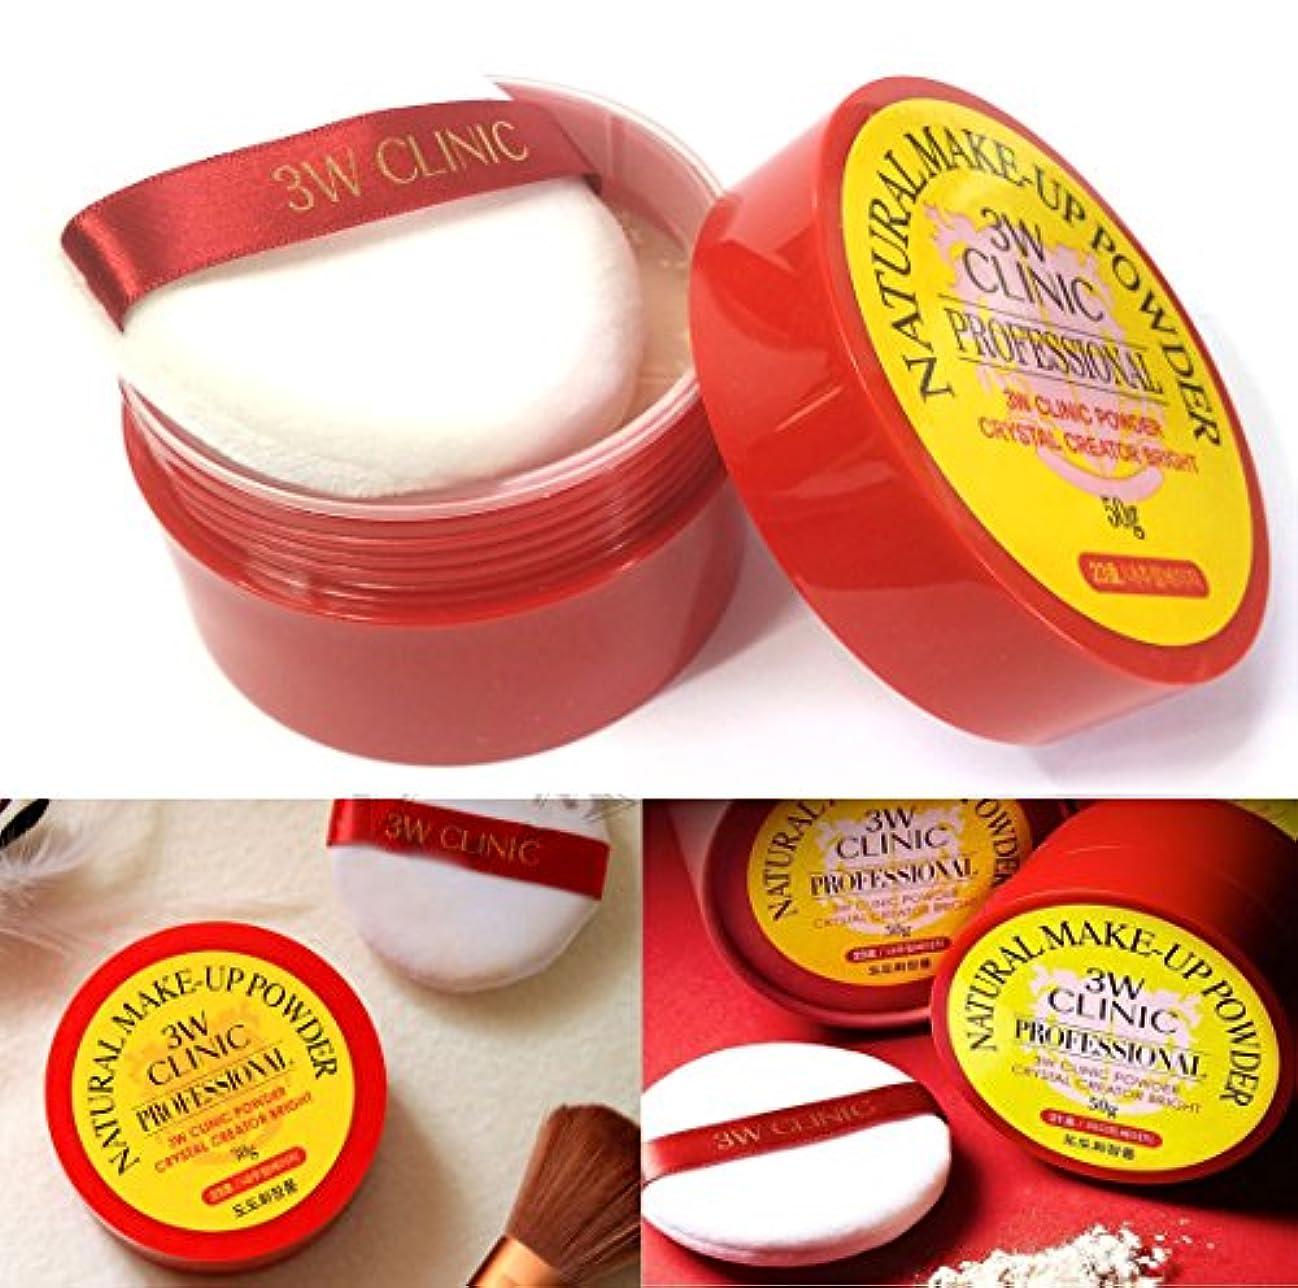 メモホイップシネウィ[3W Clinic] ドドーナチュラルメイクアップパウダークリスタルクリエイターブライト50g / DODO Natural Makeup Powder Crystal Creator Bright 50g /#21ライトベージュ...